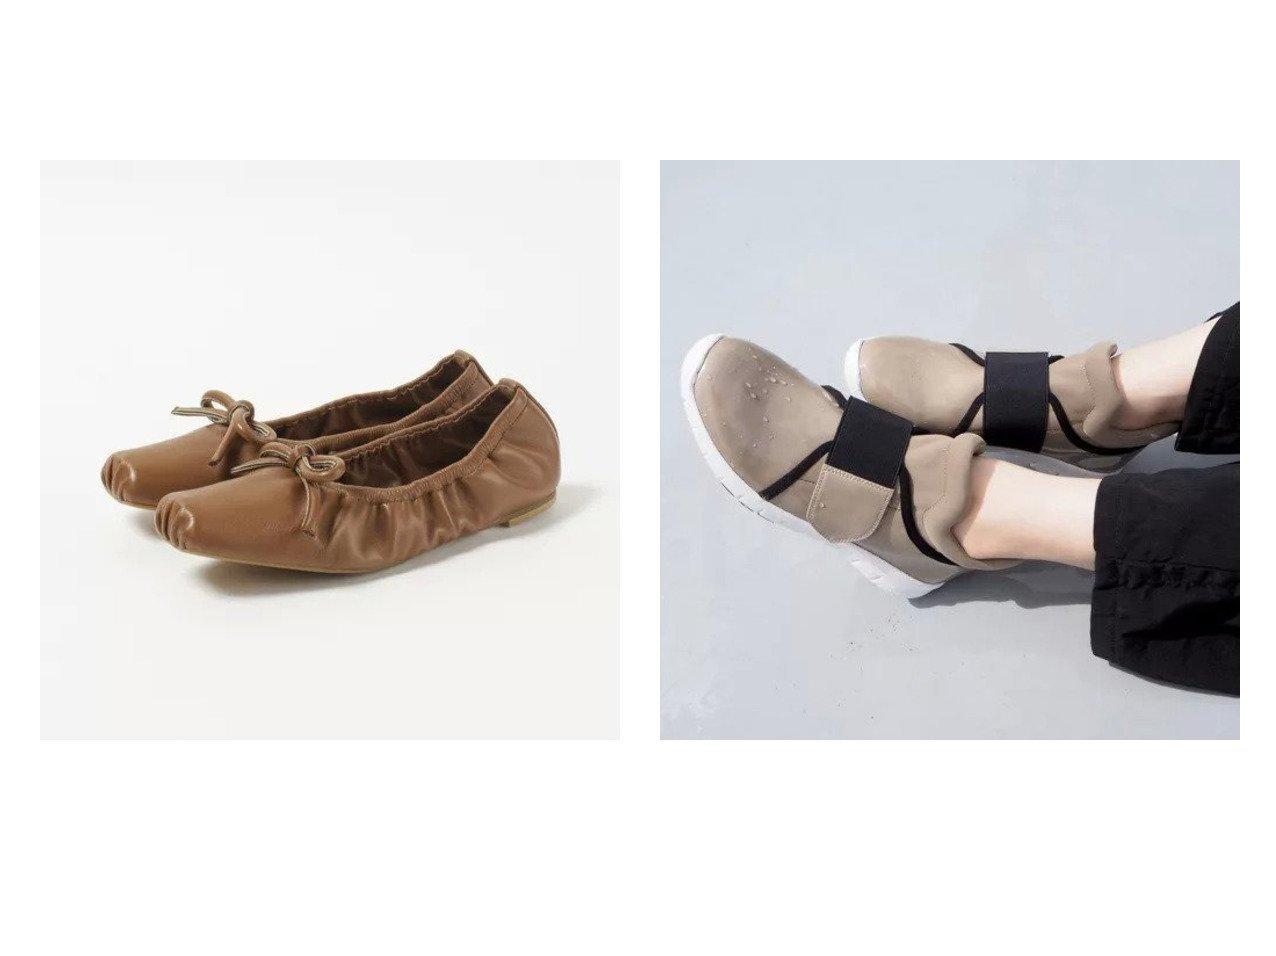 【enchanted/エンチャンテッド】の【晴雨兼用】フロントゴア防水スニーカー&【HEWN/ヒューン】のスクエアトゥバレエシューズ シューズ・靴のおすすめ!人気、トレンド・レディースファッションの通販  おすすめで人気の流行・トレンド、ファッションの通販商品 メンズファッション・キッズファッション・インテリア・家具・レディースファッション・服の通販 founy(ファニー) https://founy.com/ ファッション Fashion レディースファッション WOMEN ギャザー シャーリング シューズ バレエ フラット スニーカー フロント |ID:crp329100000009866